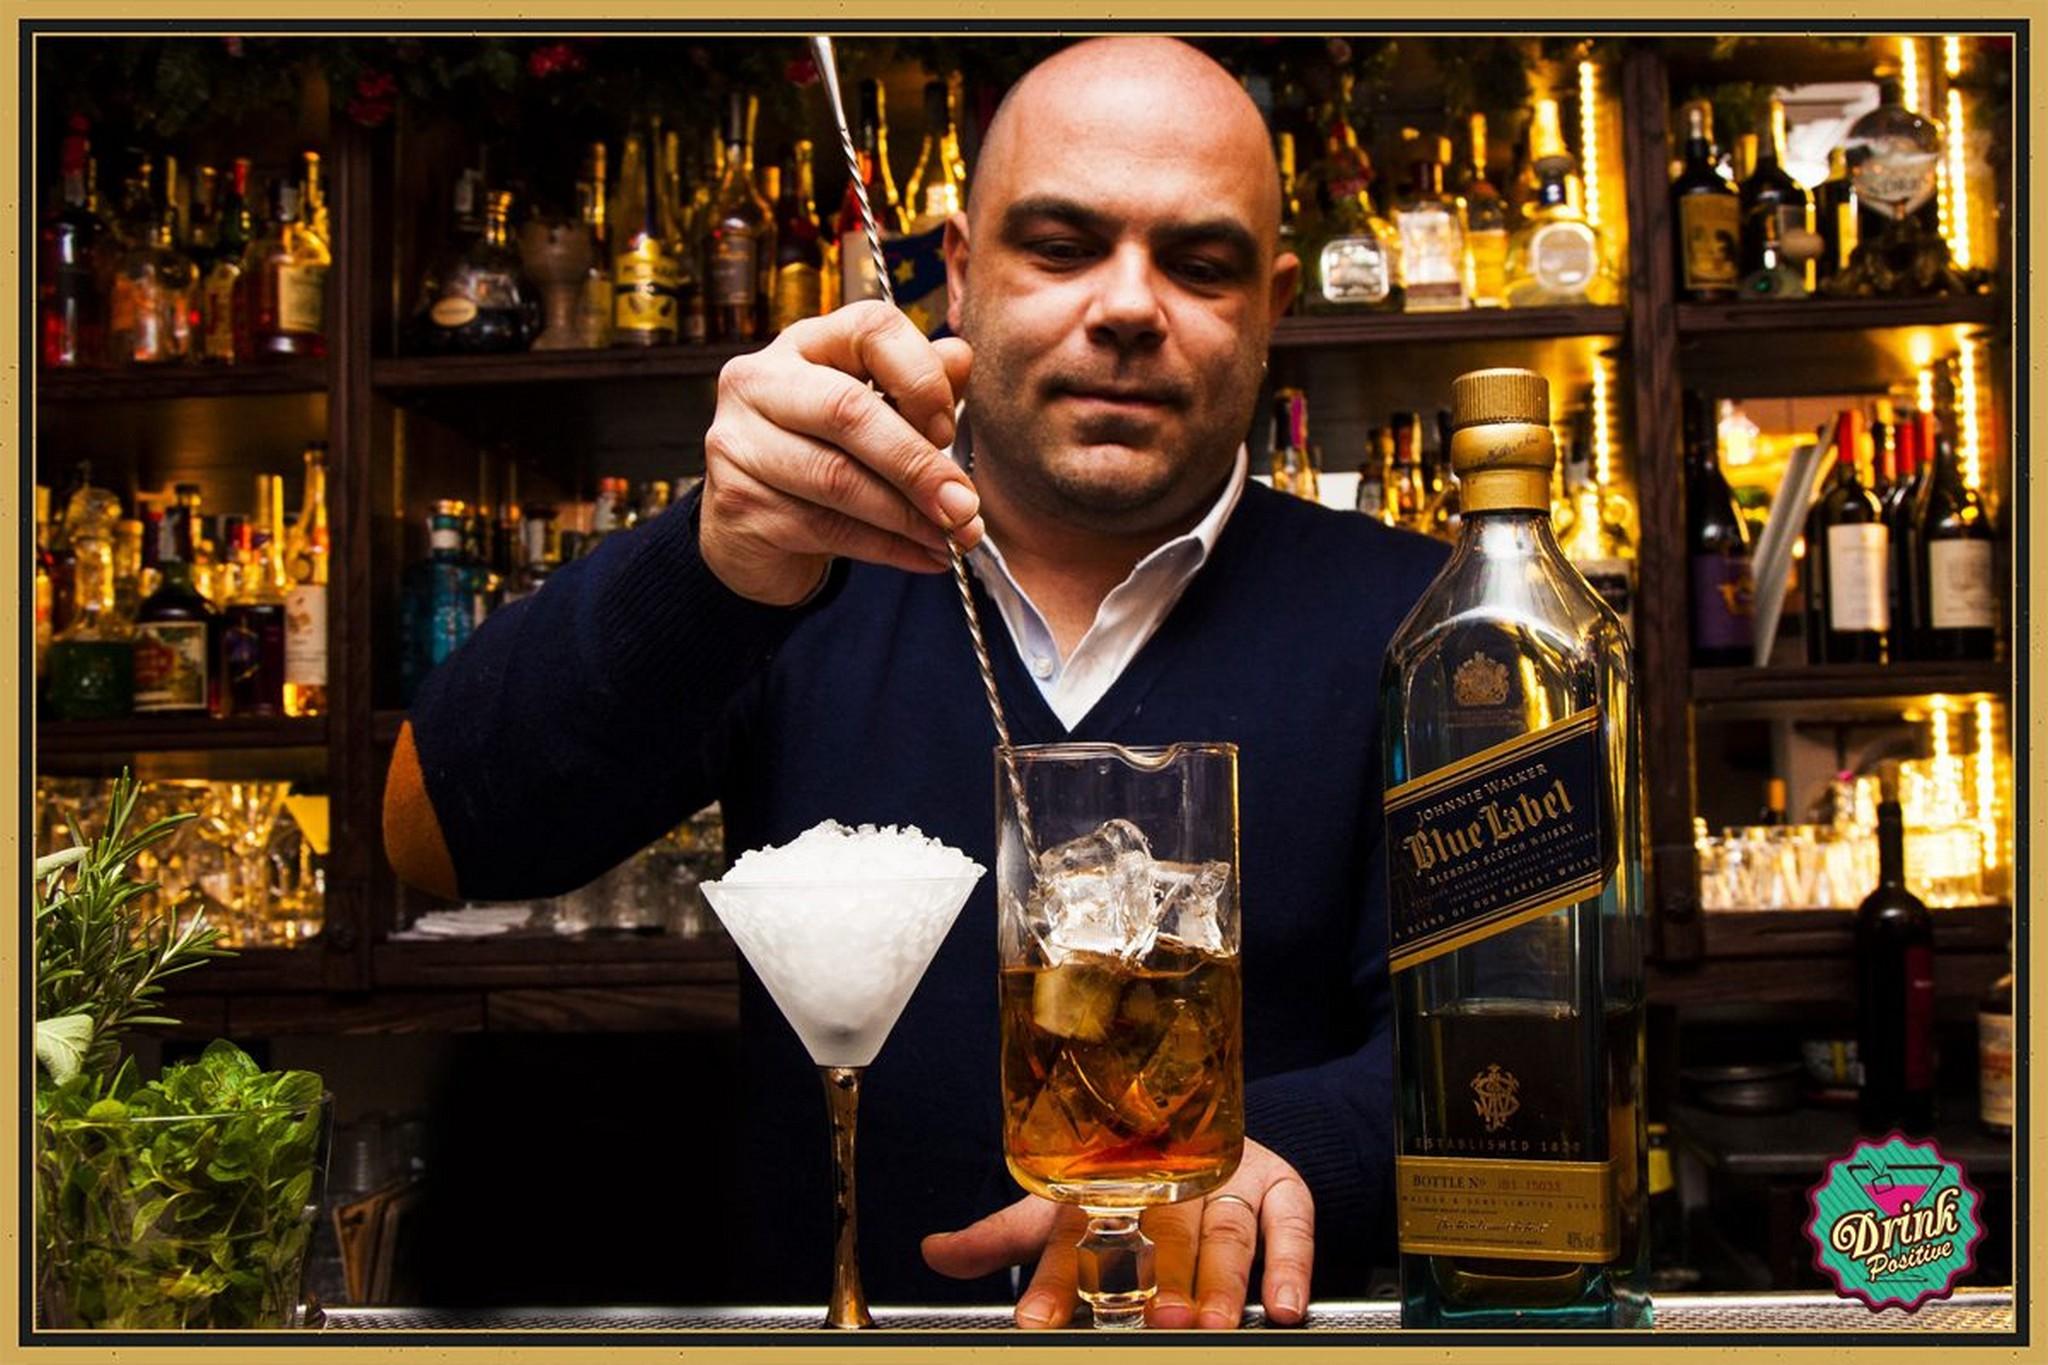 fabio_camboni_Gaeta_Drink_Positive_consulenze__apertura_locali_corsi_barman_114